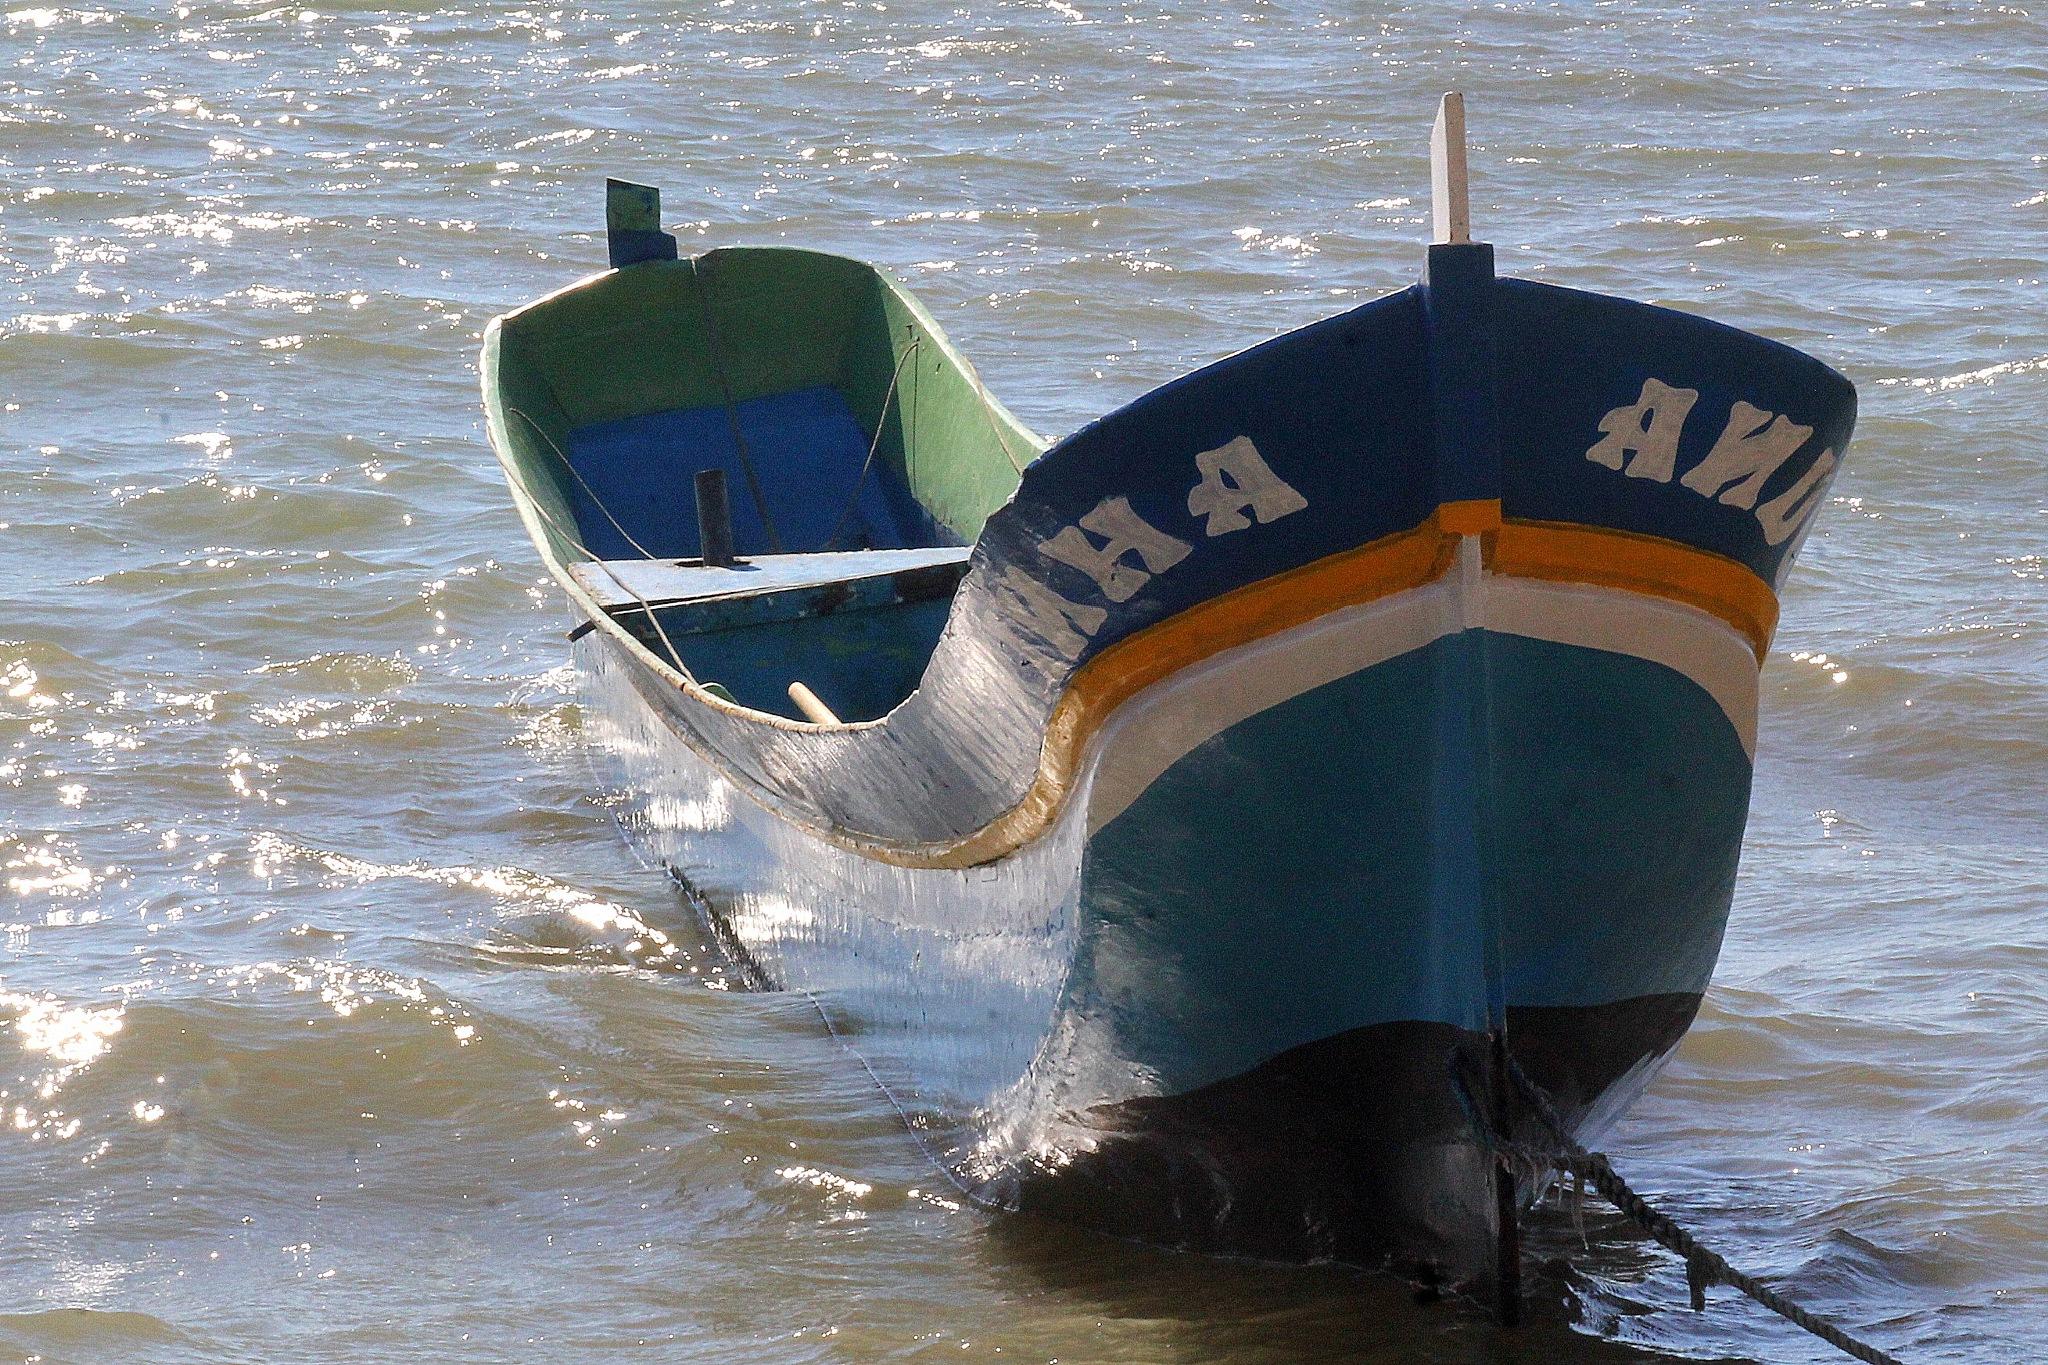 Canoe by Marie Asmar